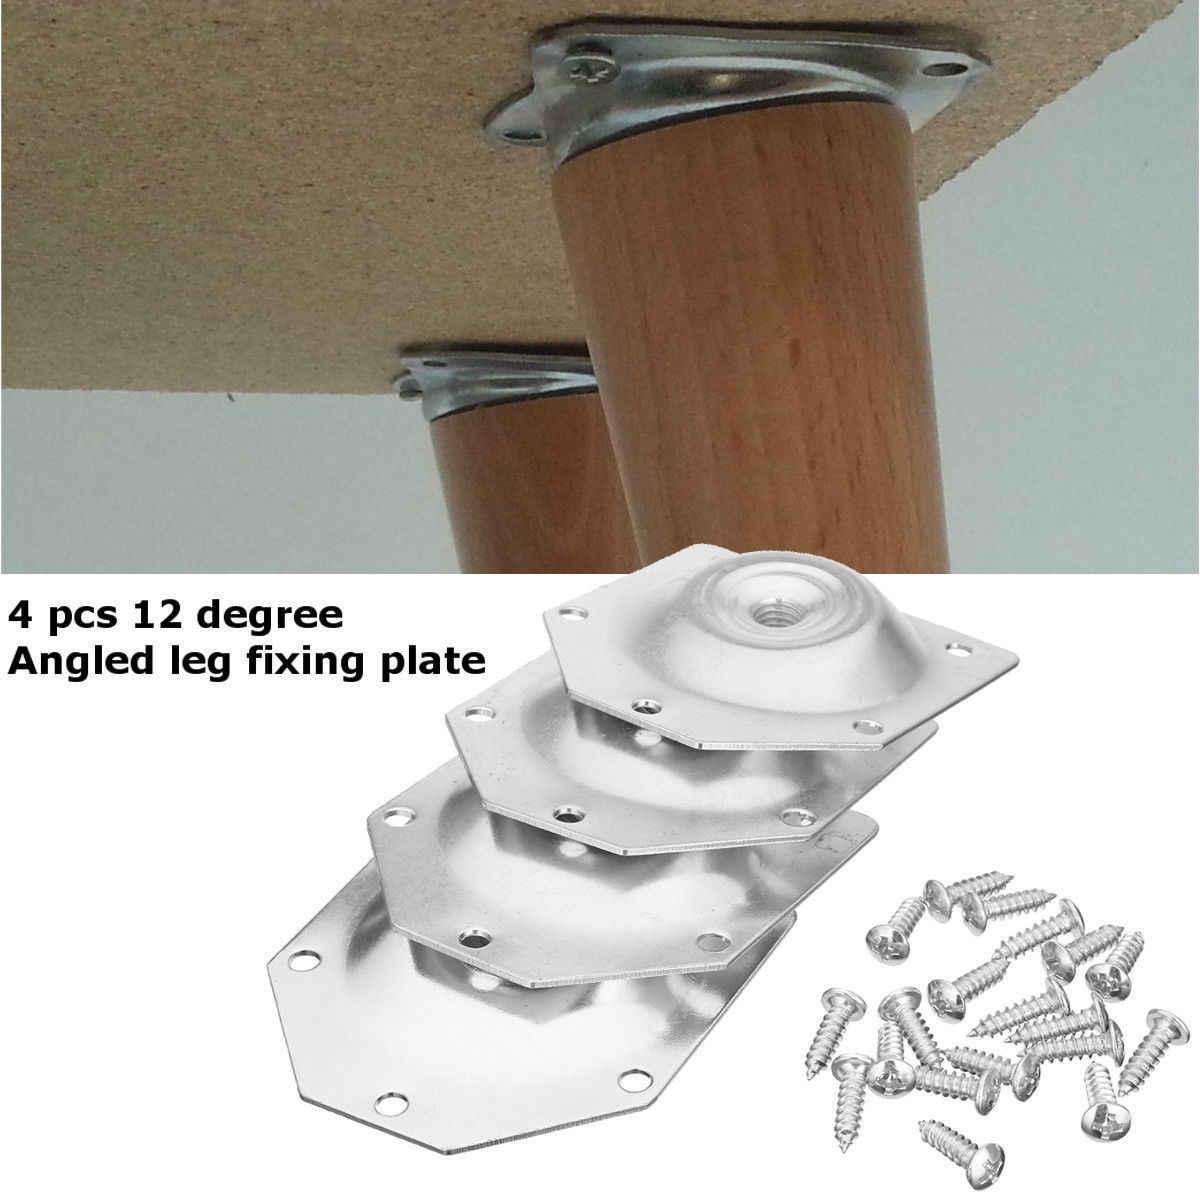 4 шт. угловой ноги крепления монтажная пластина Кронштейн мебель ножки стола комплект W/шурупы Прямая доставка